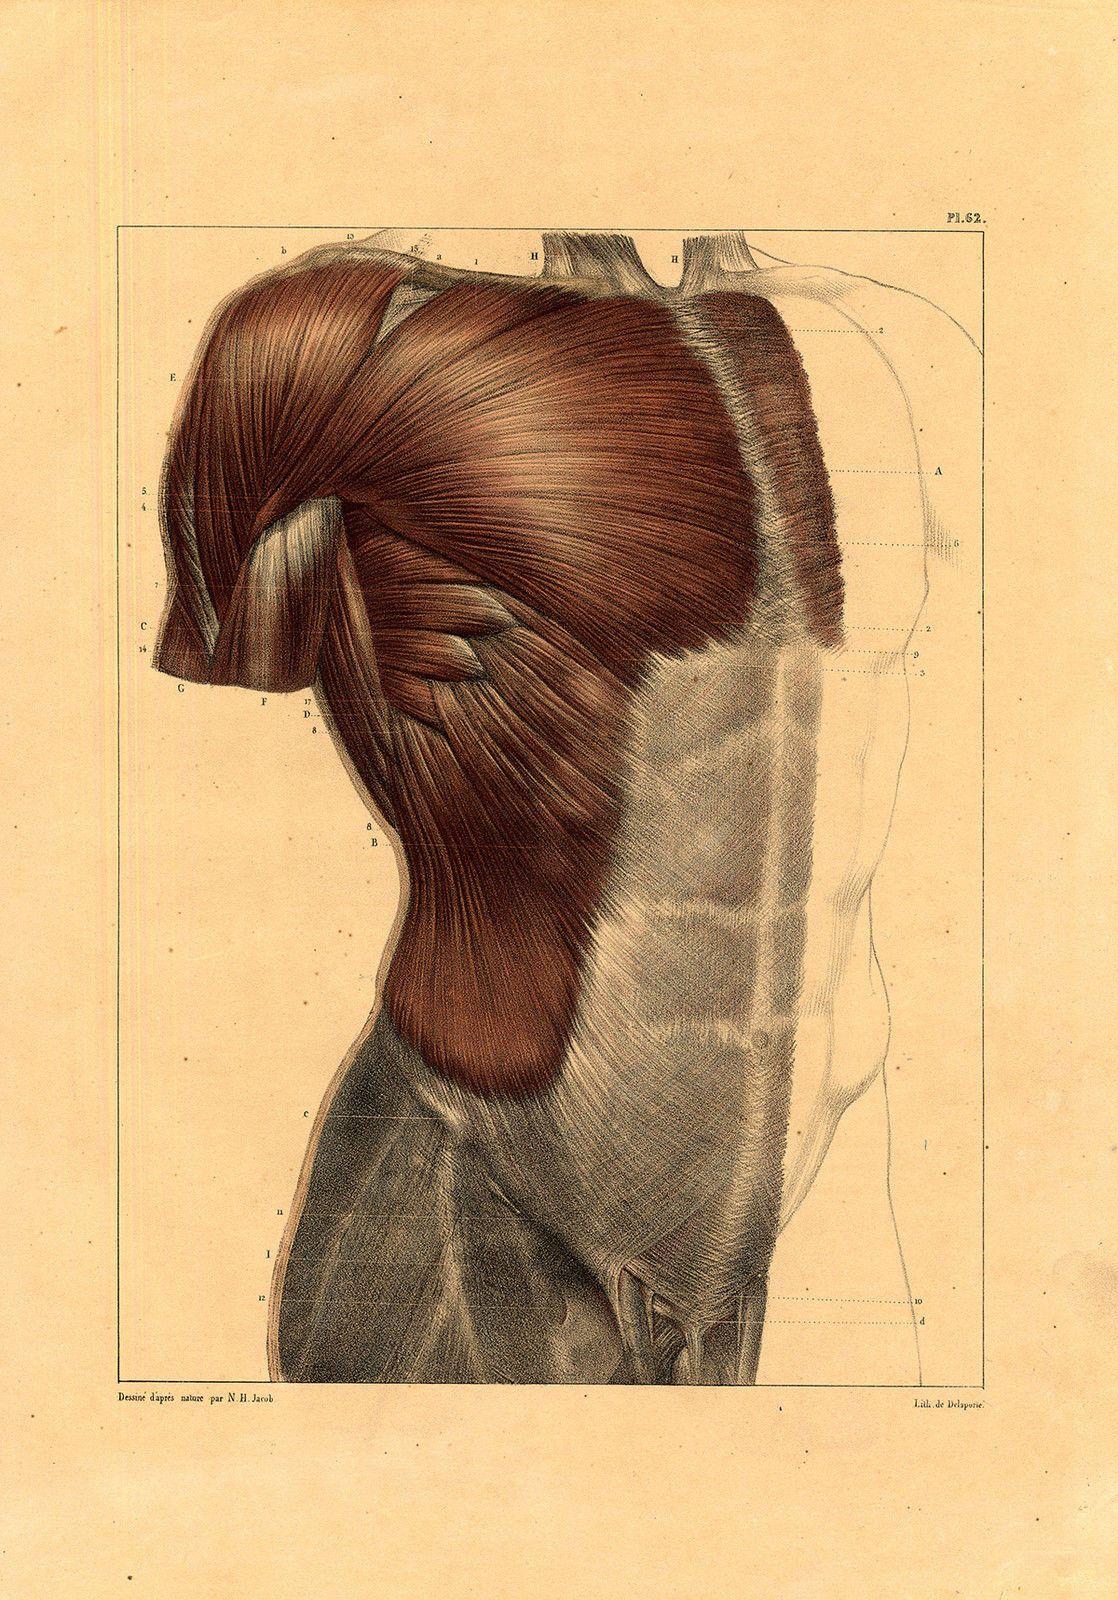 Pin von Lasse Kulmalahti auf Anatomia | Pinterest